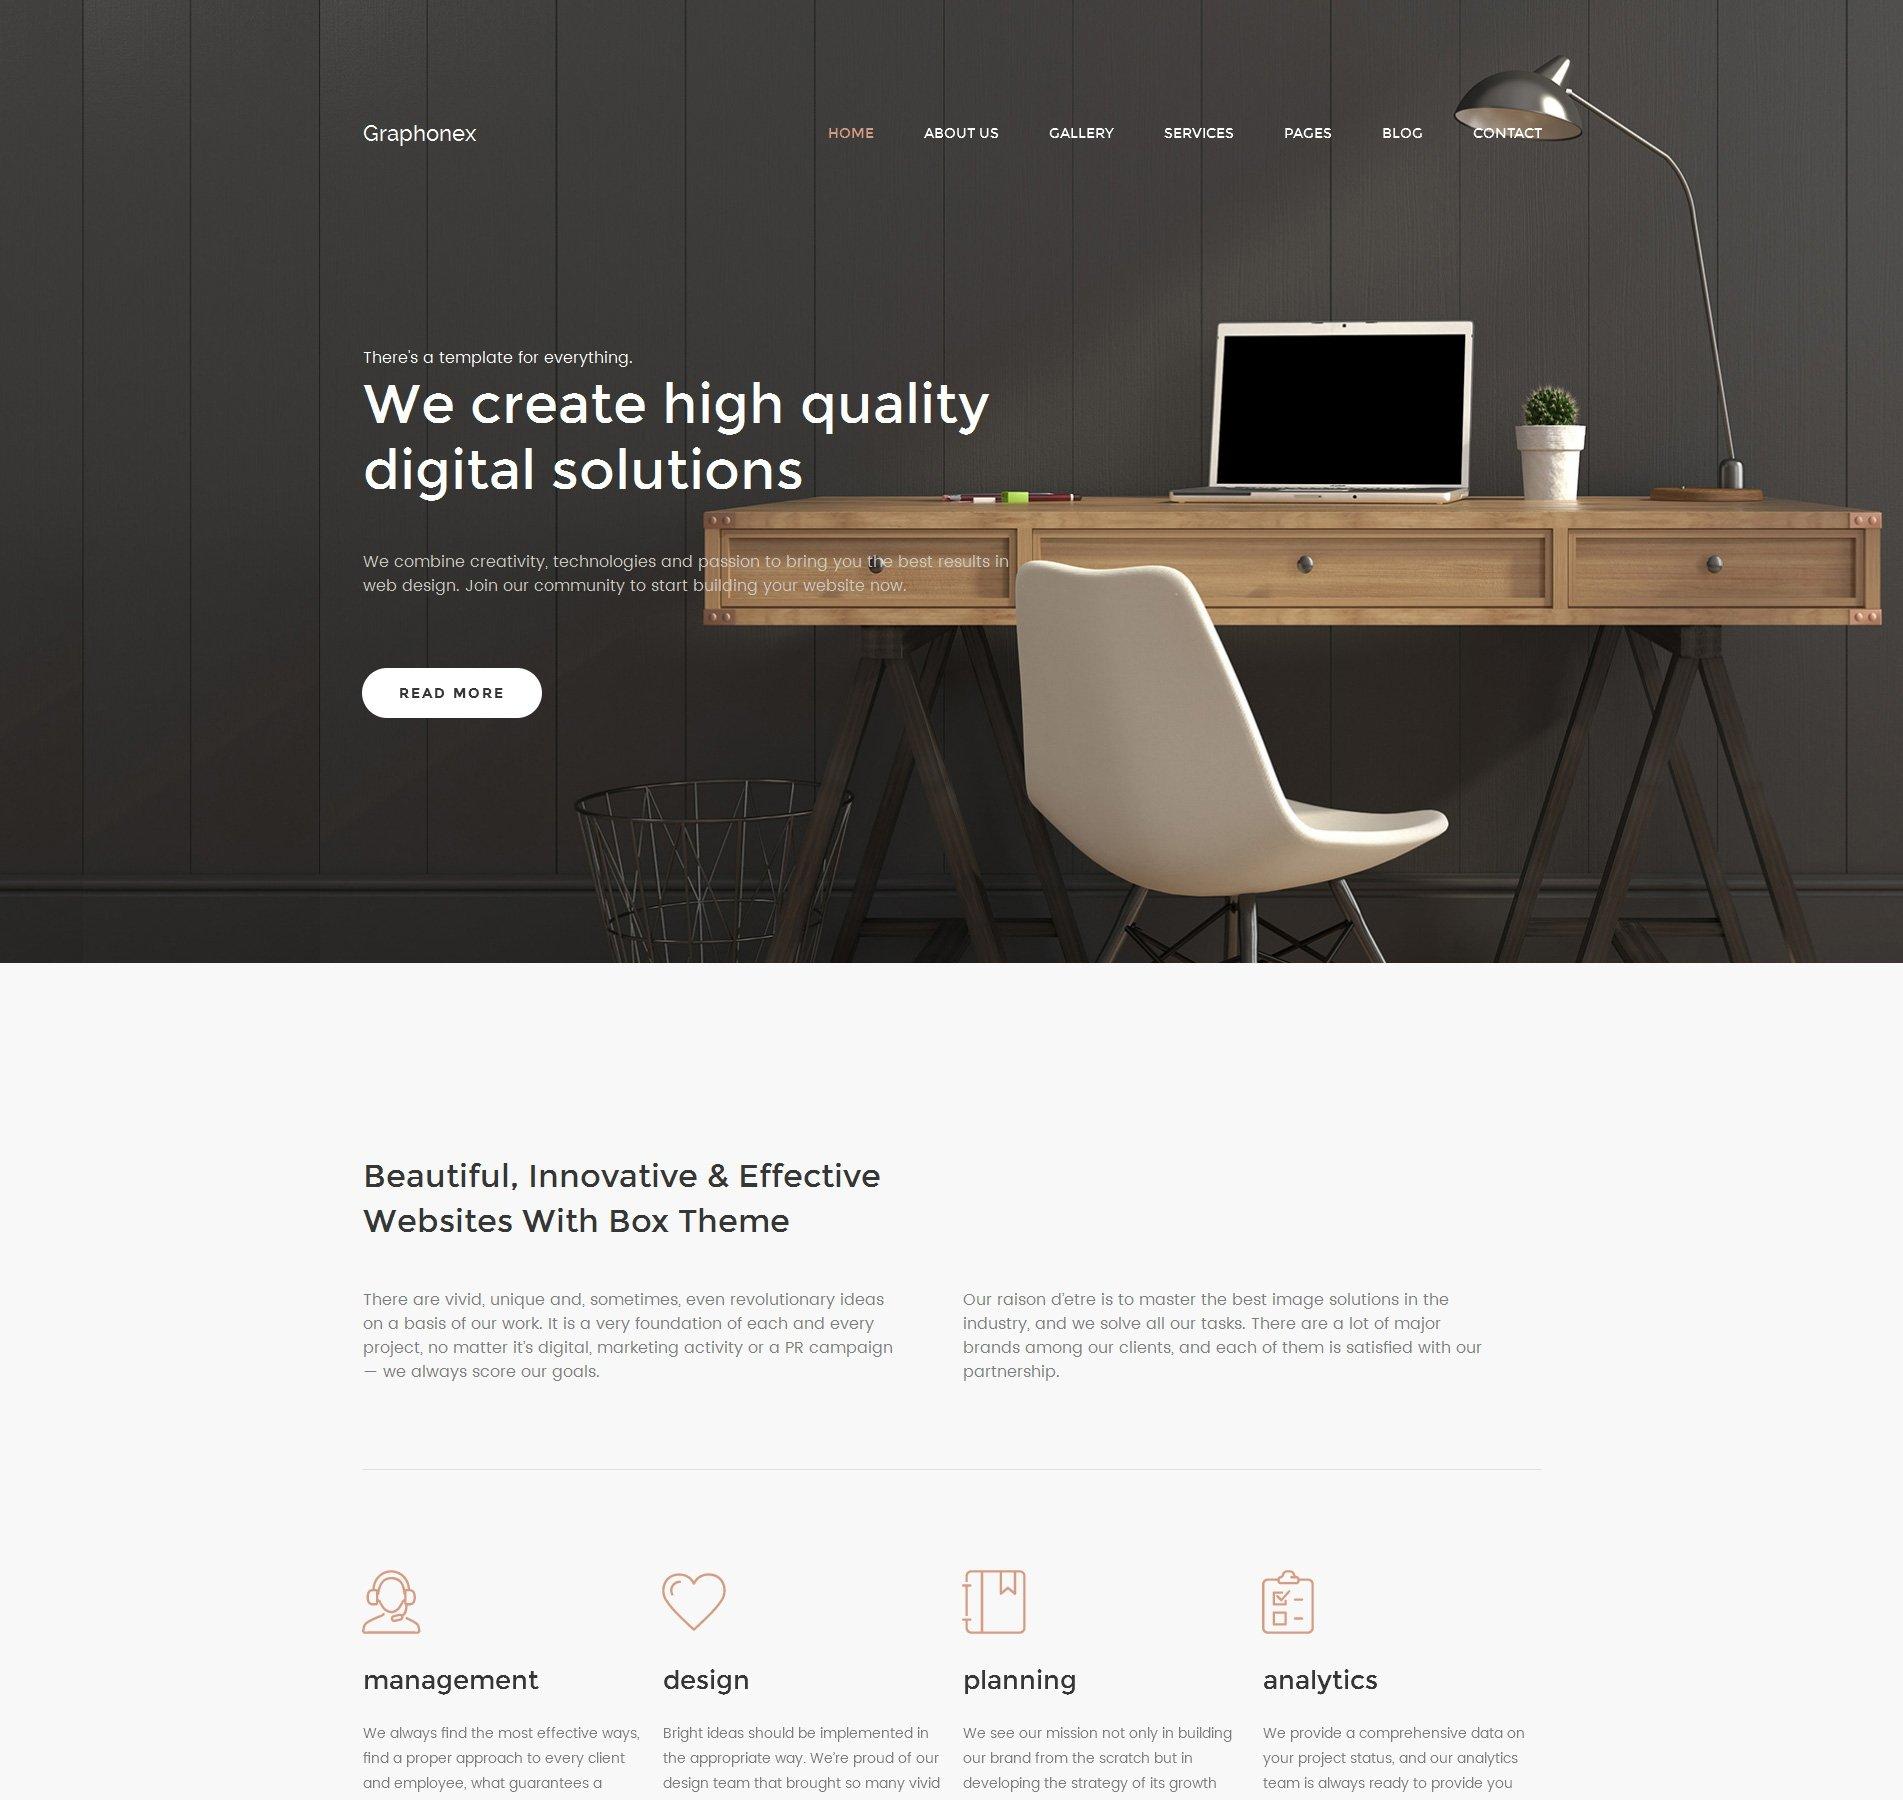 web design moto cms 3 template 59454 templatescom